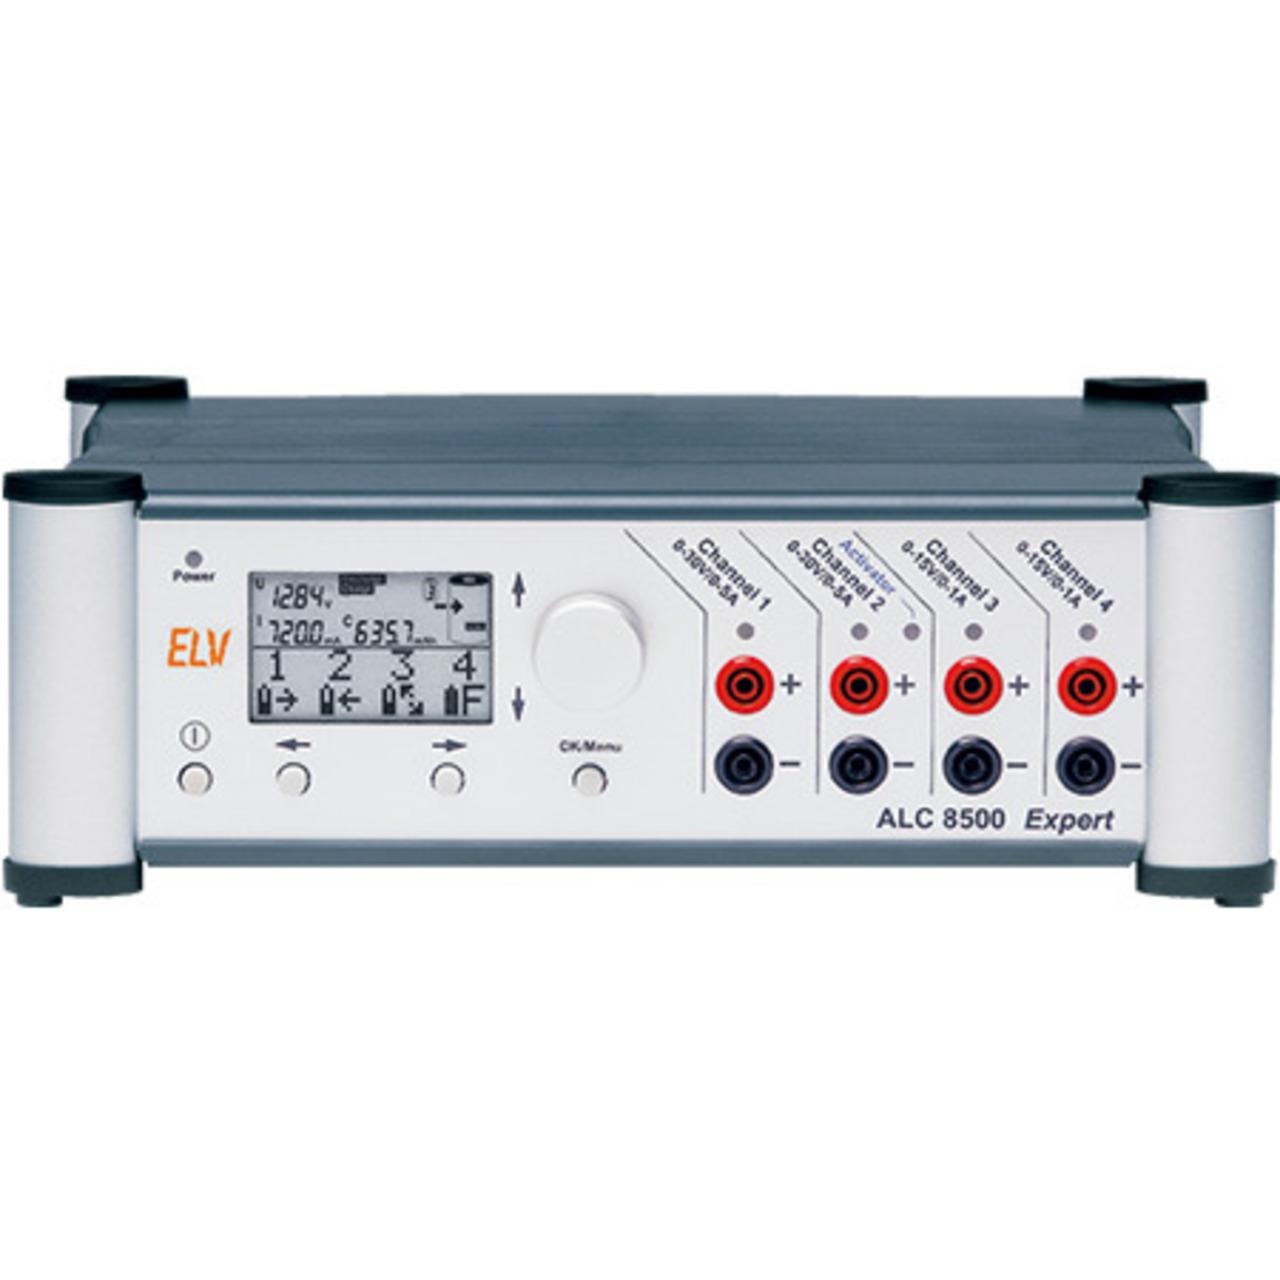 ELV Bausatz Akku-Lade-Center ALC 8500 Expert-2- inkl- PC-Software- USB 2-0 Kabel